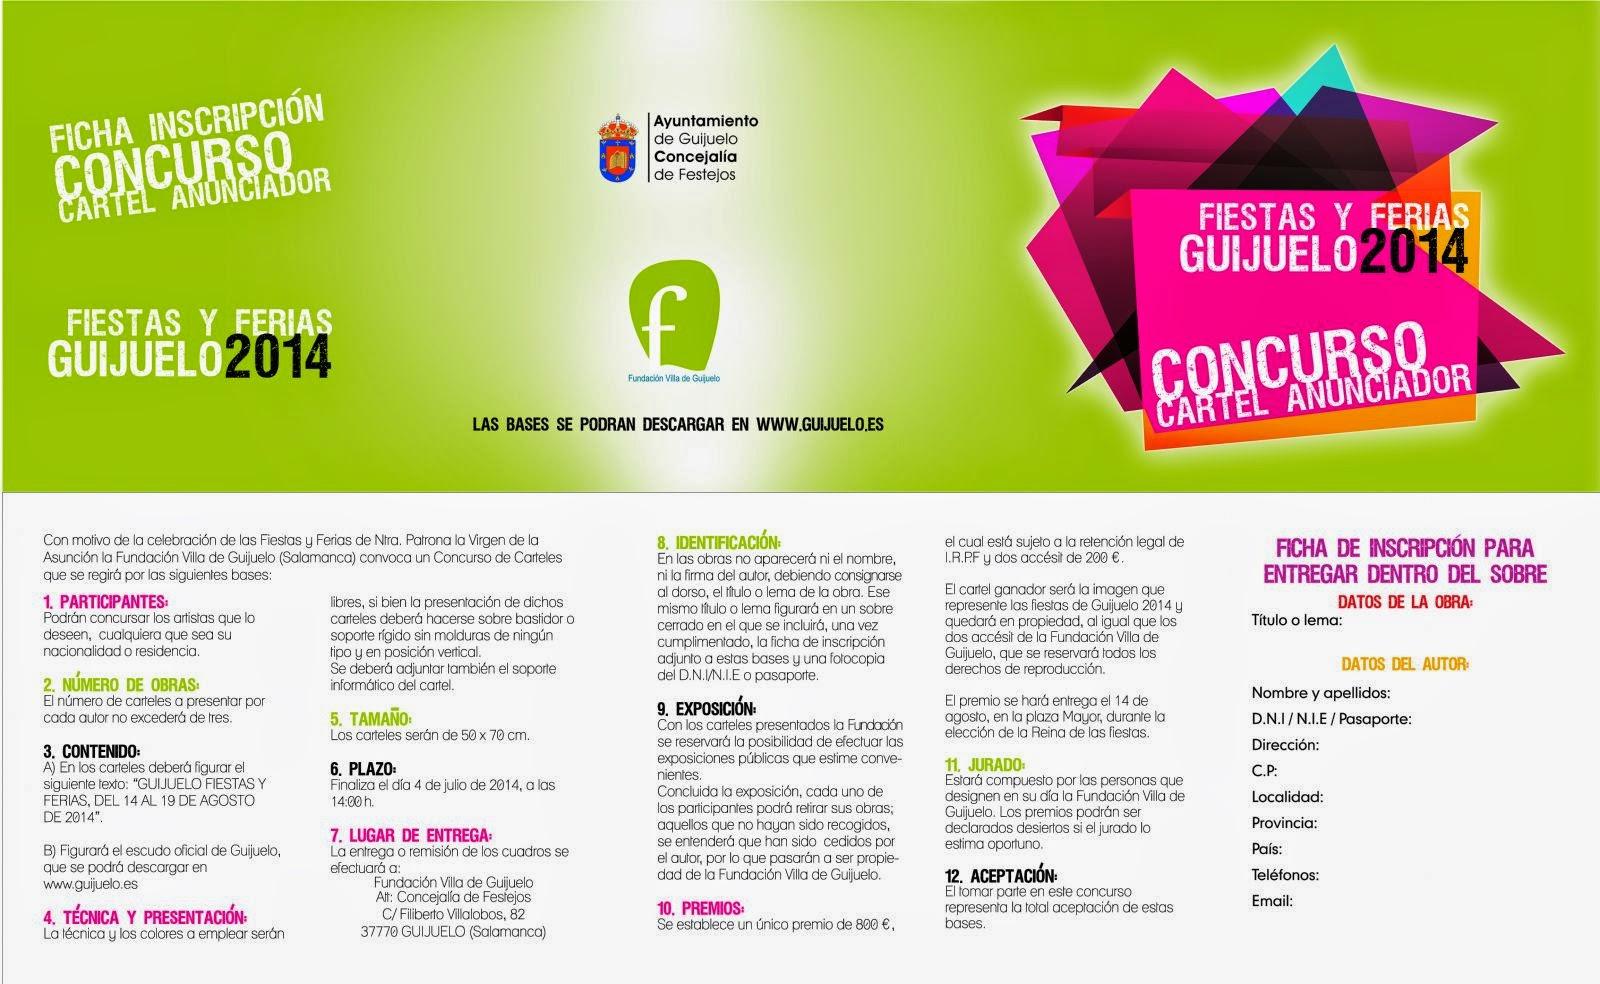 4 (hasta)/Julio. Concurso cartel anunciador Fiestas de Guijuelo. Guijuelo